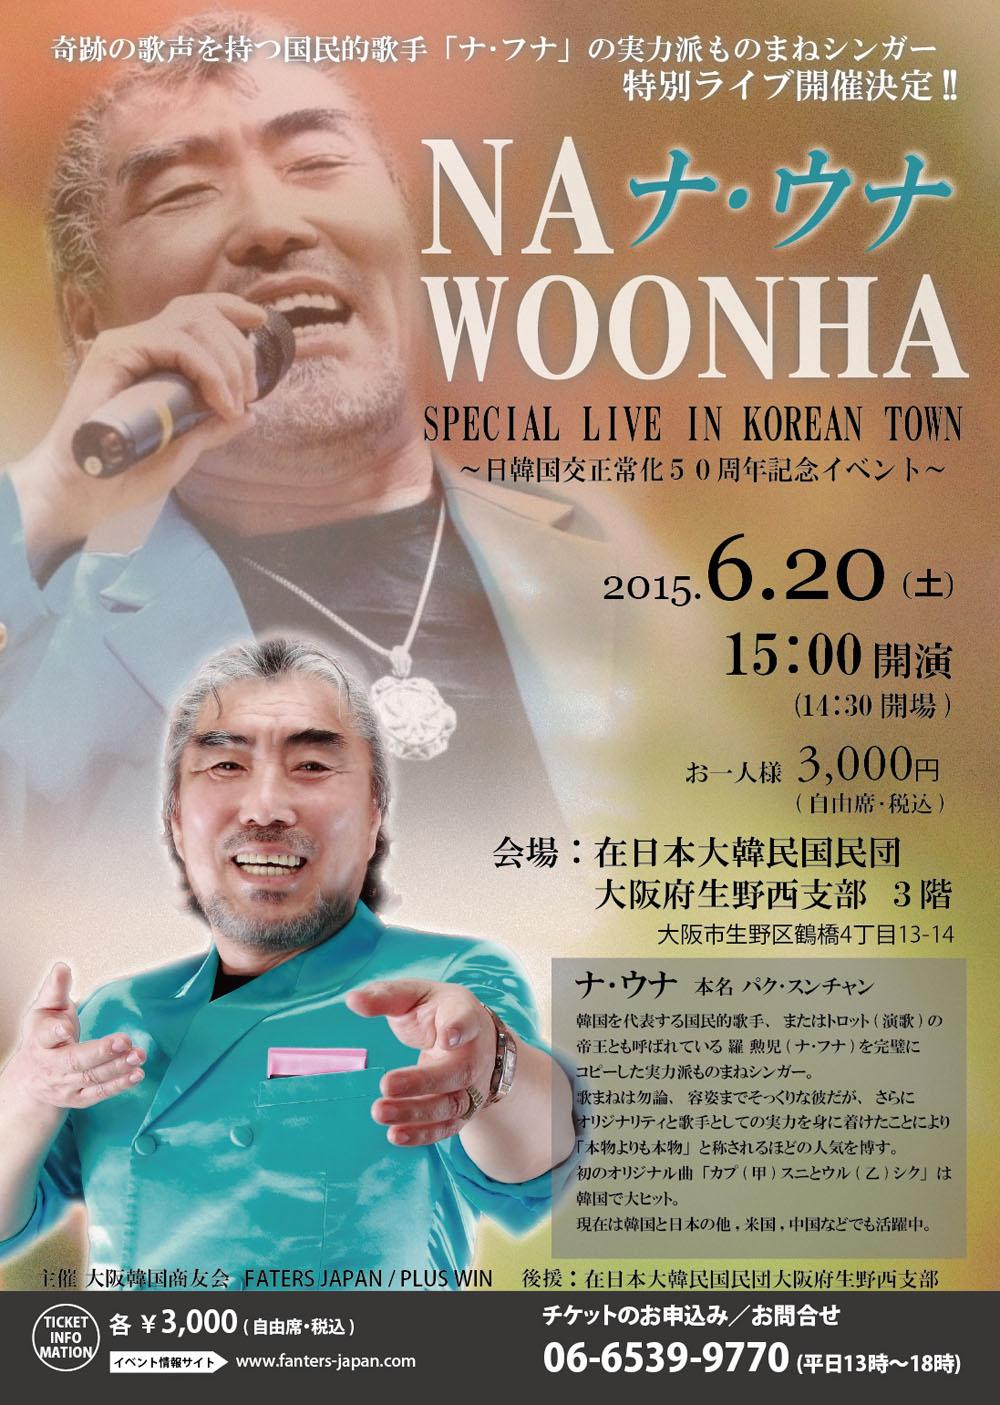 ナウナ6月20日特別ライブ